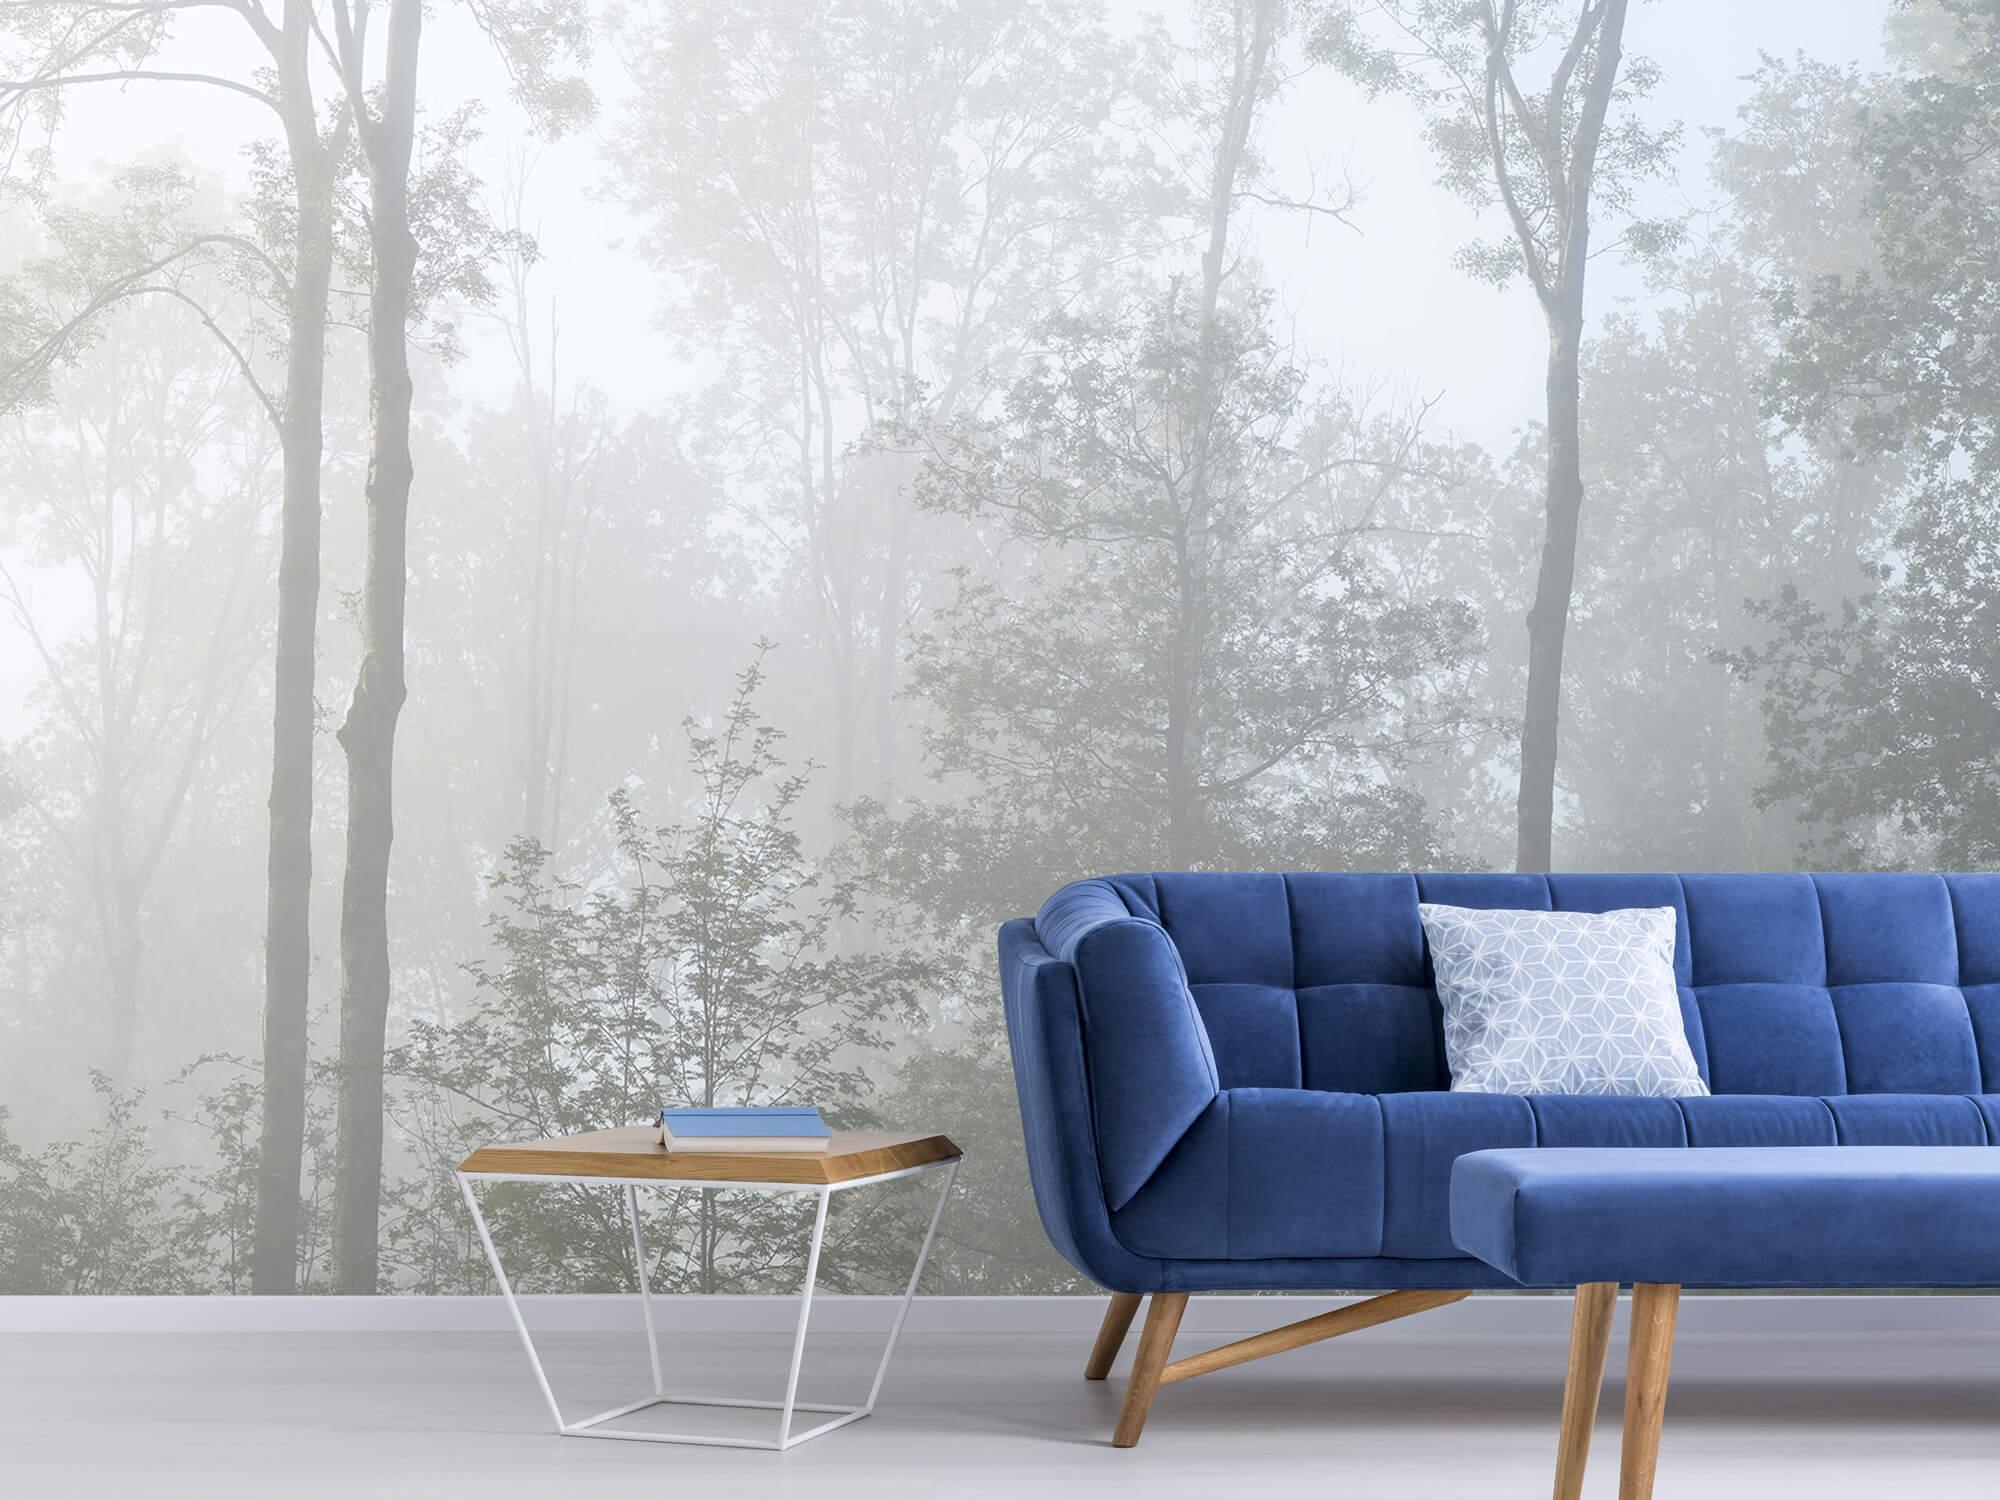 Bos behang Dichte mist in het bos 6